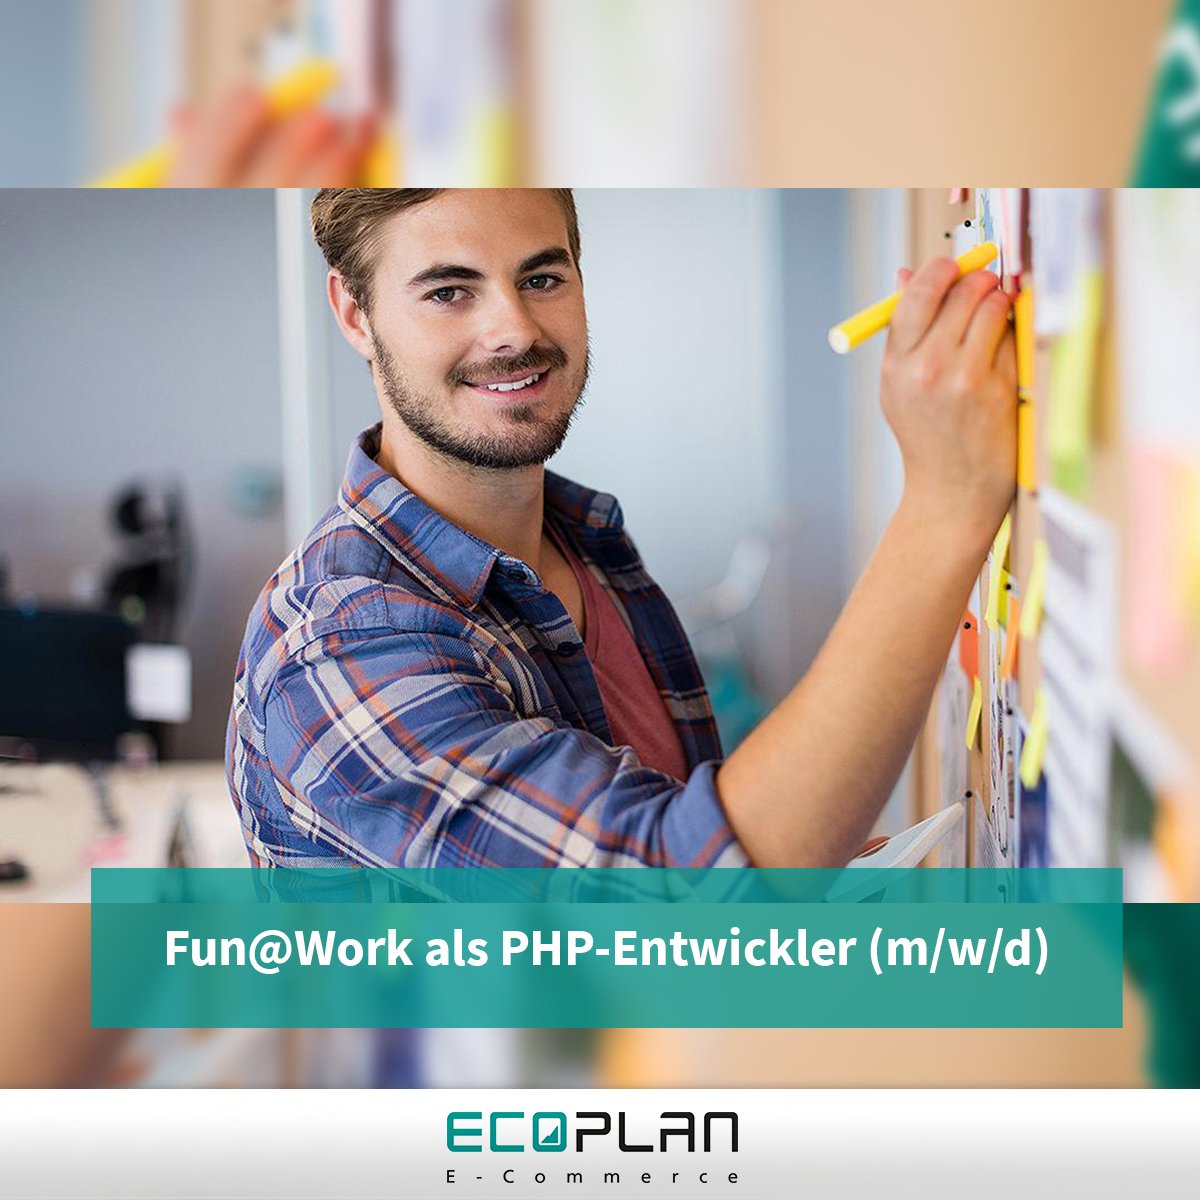 Morgens mit einem Lächeln kommen & abends zufrieden nach Hause gehen. So lässt es sich einfach kreativer & erfolgreicher arbeiten ohne in Stress zu kommen. Hört sich das nicht gut an? Hab mit uns zusammen Fun@Work & bewirb dich als #PHP-Entwickler (m/w/d): http://bit.ly/2u8BuG8pic.twitter.com/x6evXbt1pB